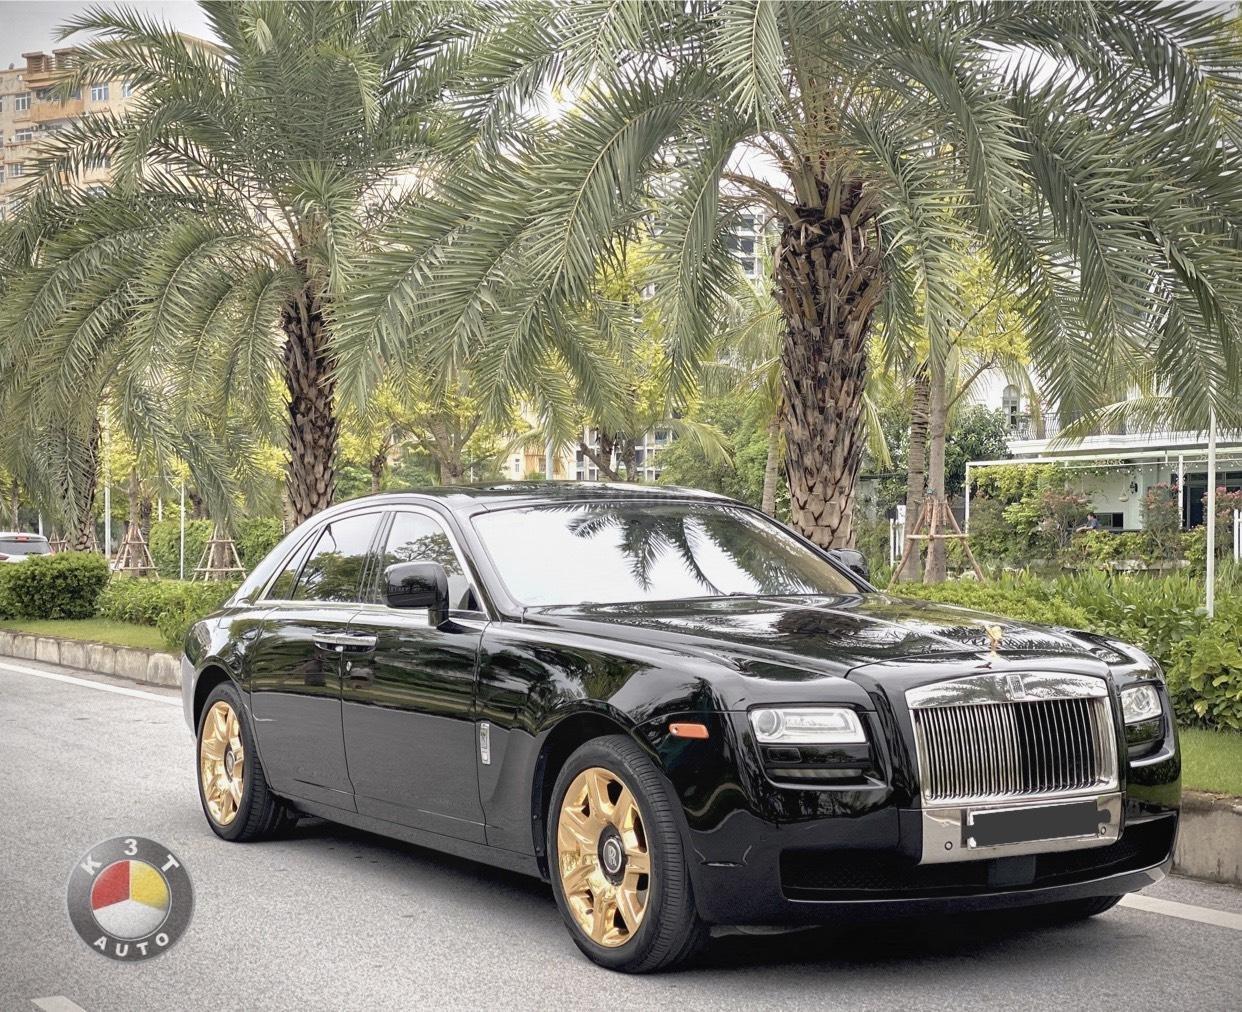 Rolls-Royce Ghost 2012 siêu phẩm mang đẳng cấp hoàng gia anh duy nhất 1 xe tại Việt Nam (11)